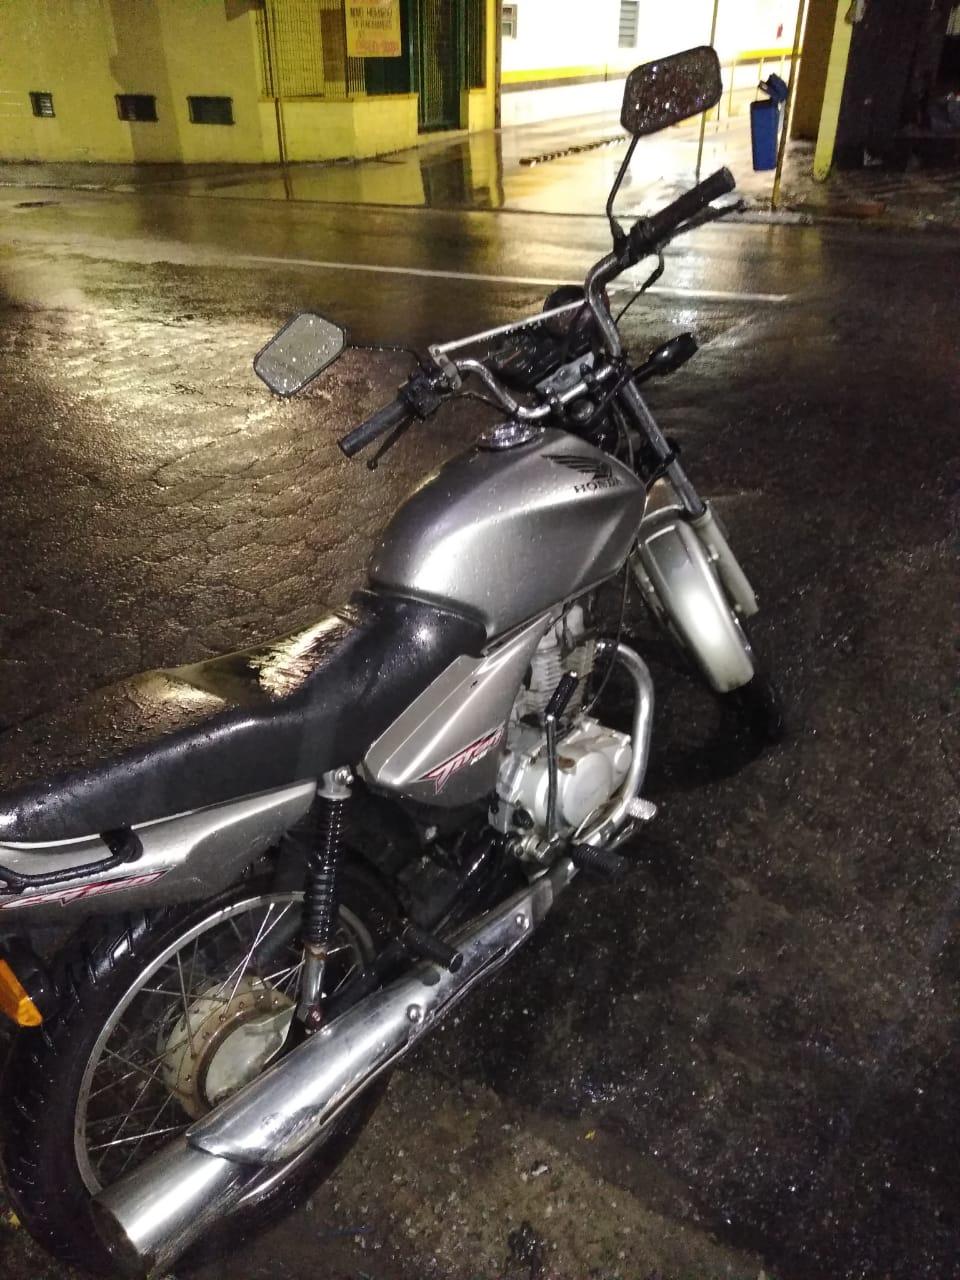 Moto furtada foi recuperado pela Polícia Militar